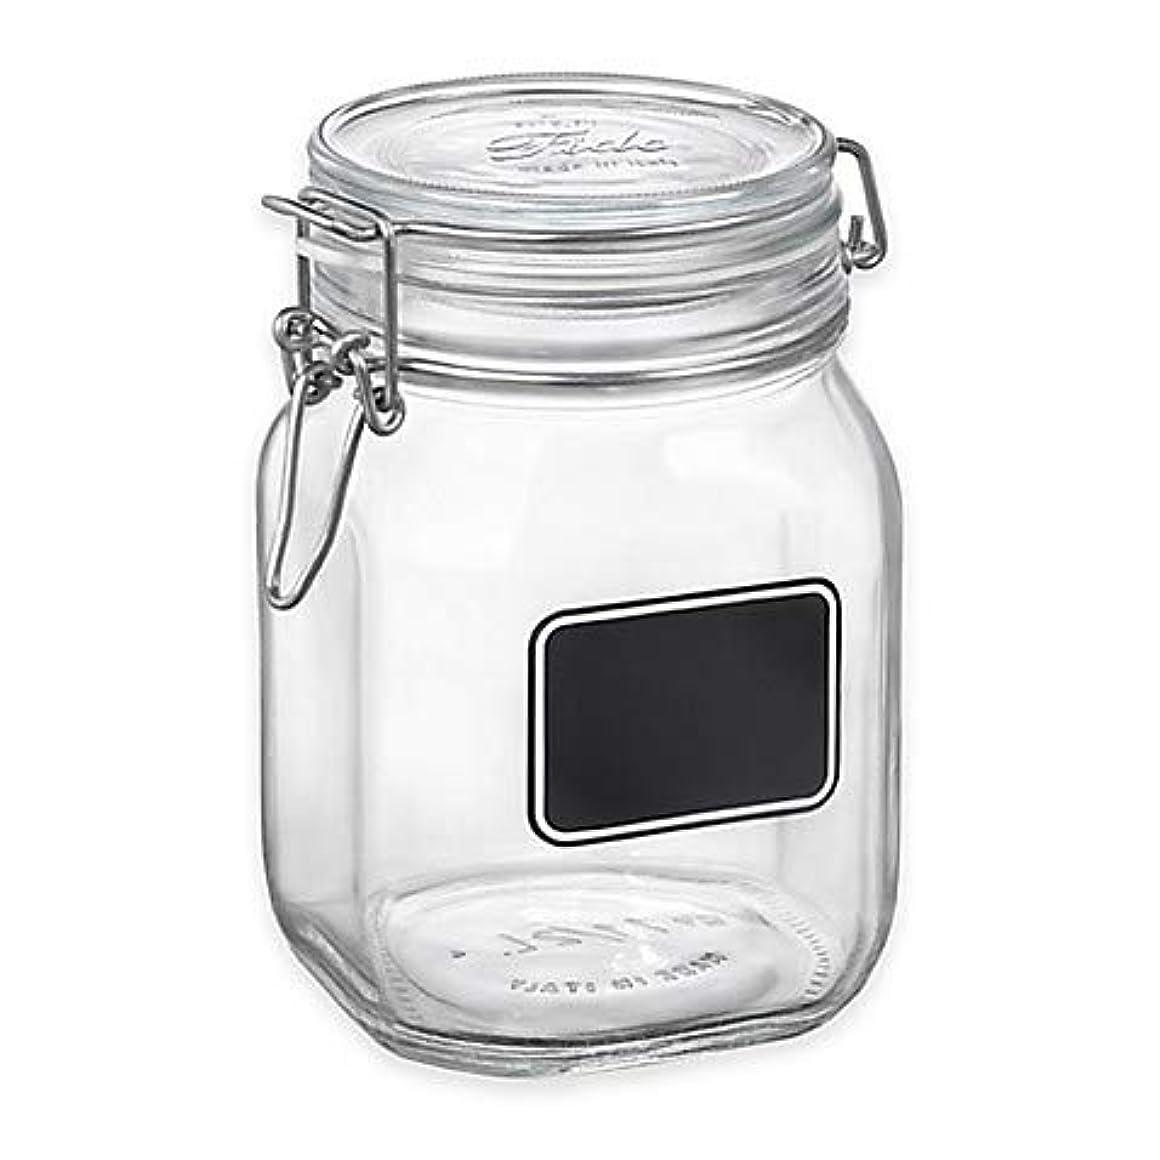 脚本微視的取り除く(1000ml) - Bormioli Rocco Fido Square Chalk 1000ml Label Jar